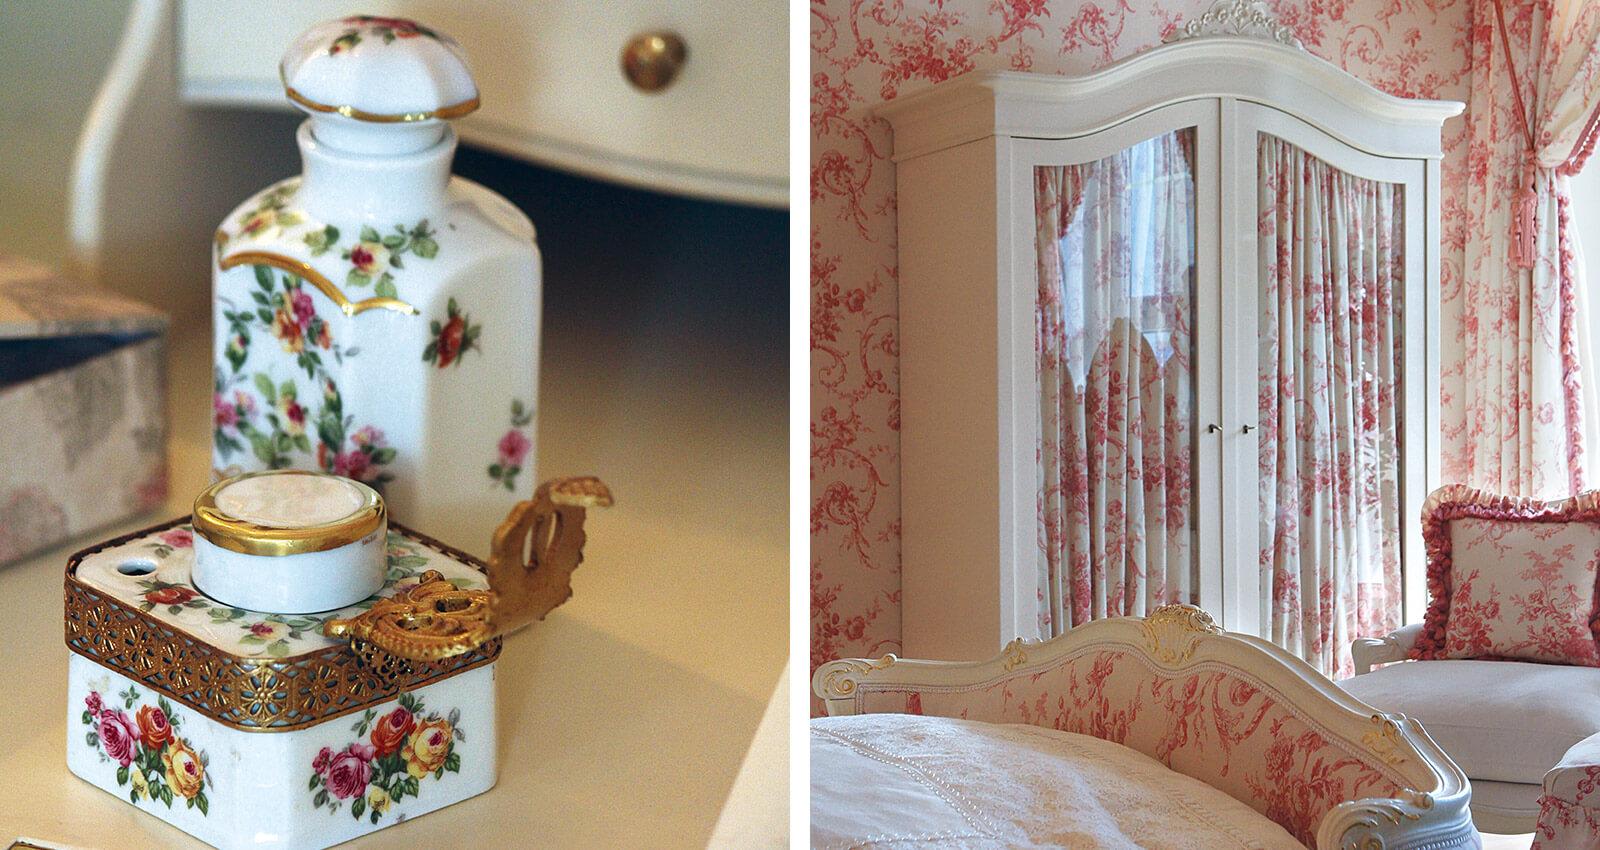 rundgang-15-rosen-schlafzimmer-schrank